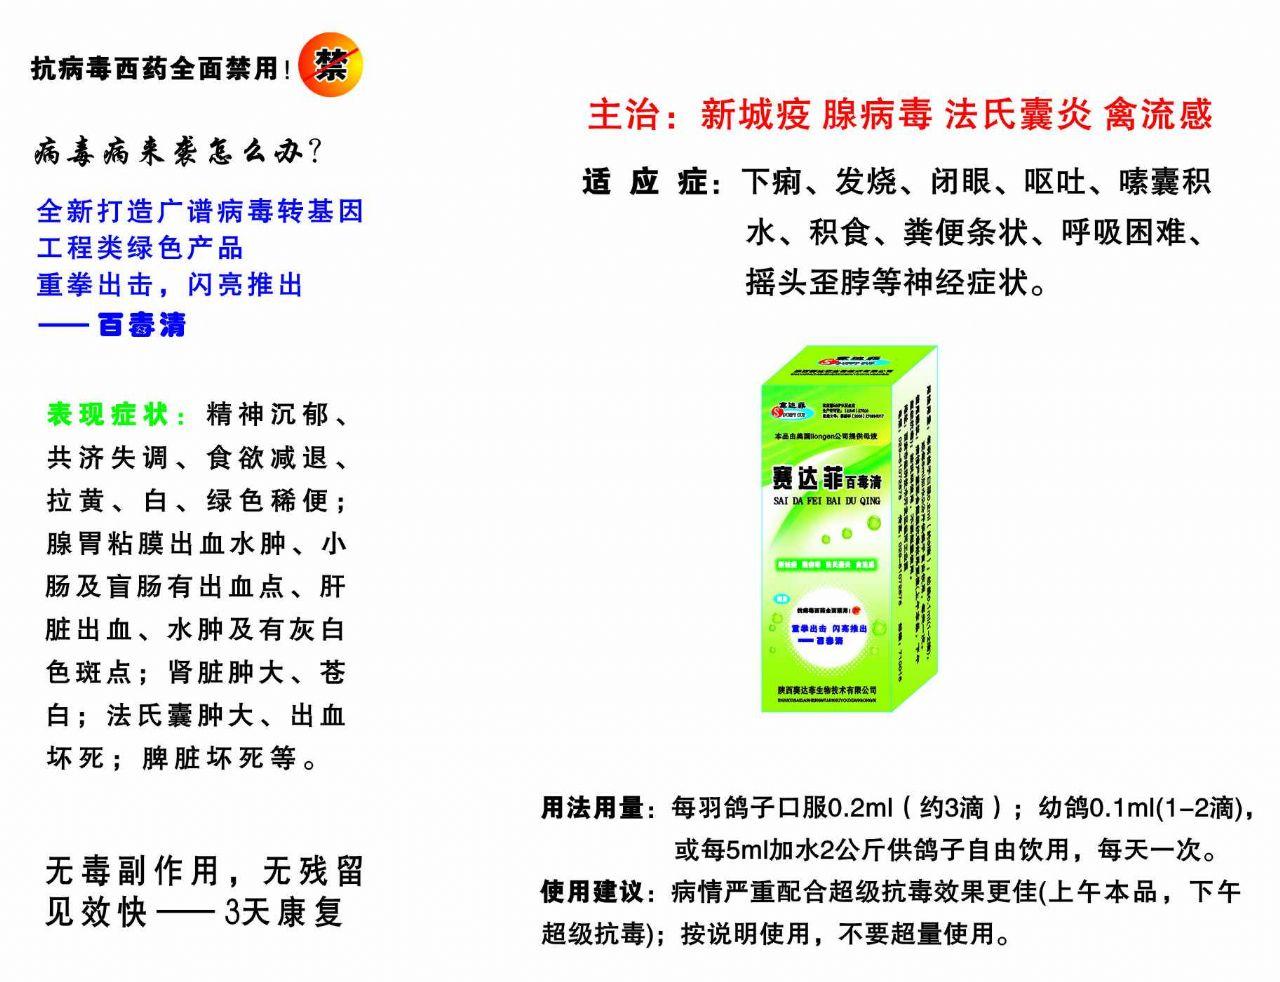 赛达菲-百毒清